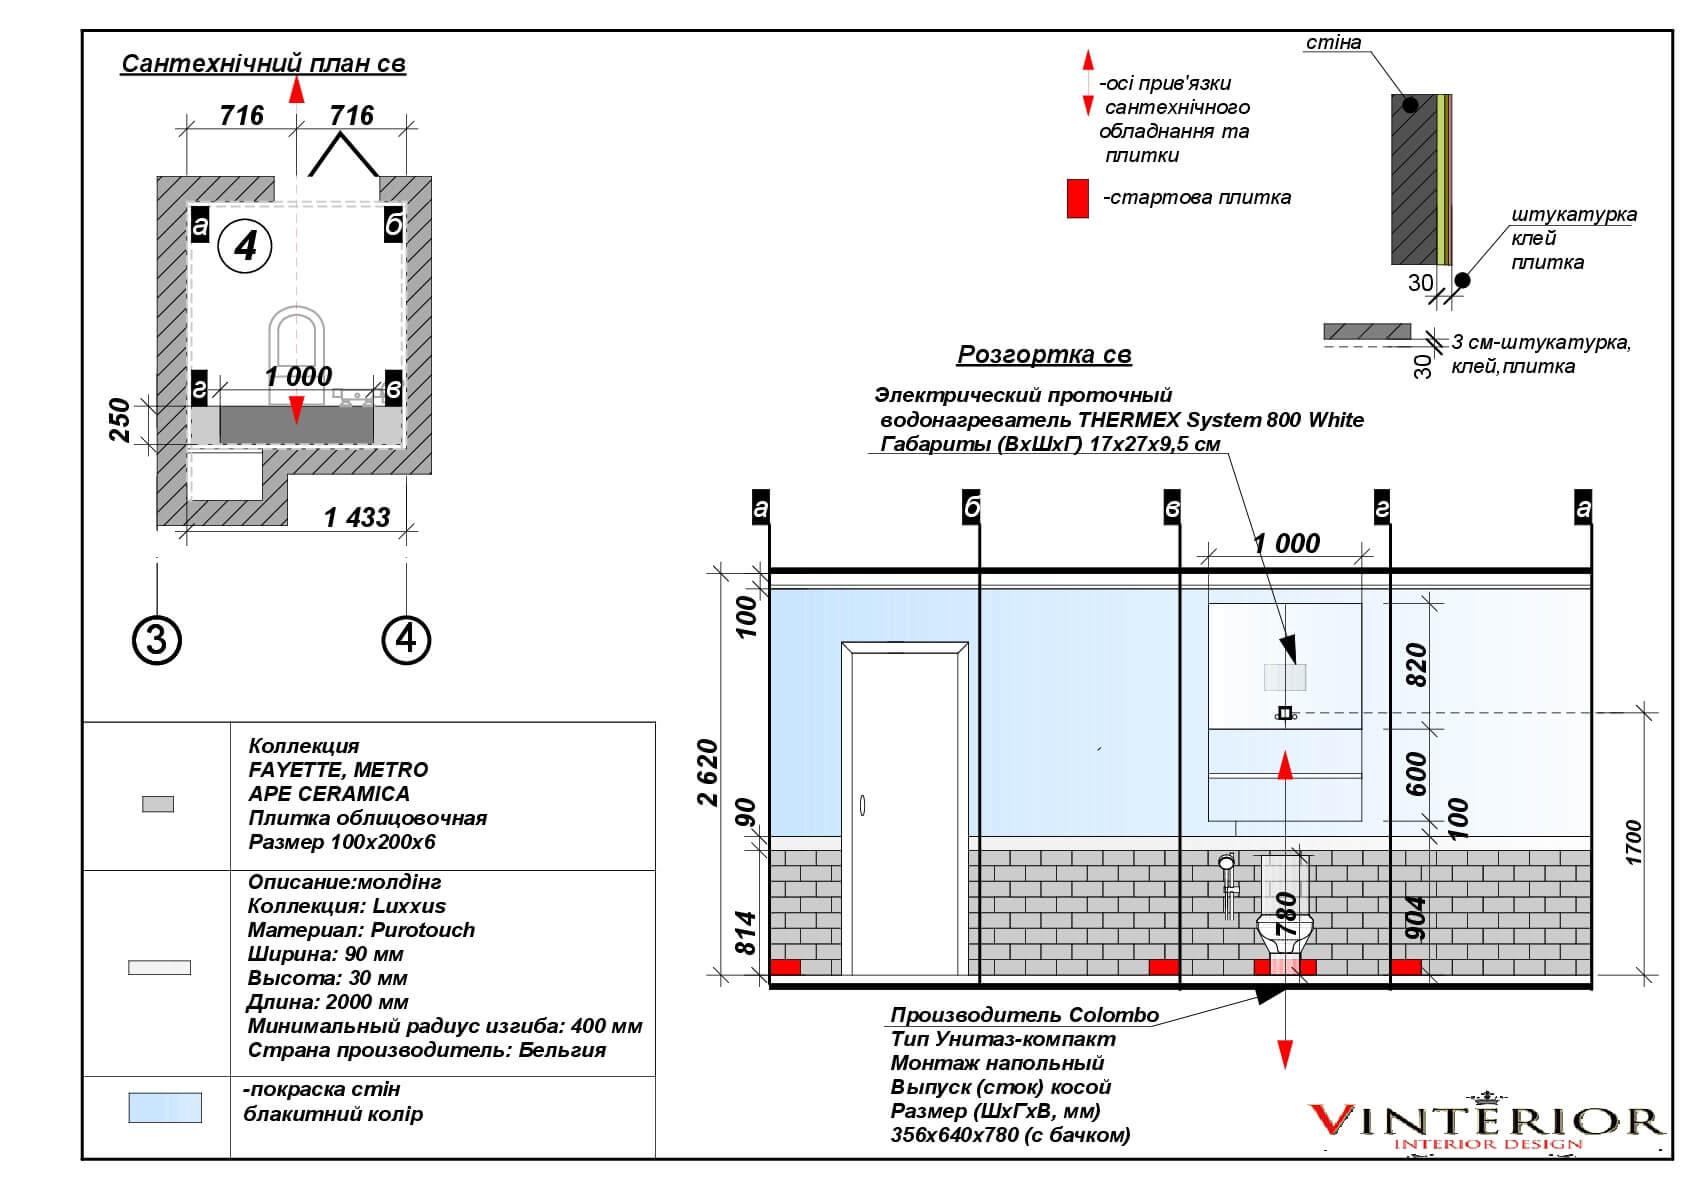 План размещения сантехники сан-узла с привязками по осям сантех. приборов, и разверткой стен с подробным описанием, раскладкой плитки